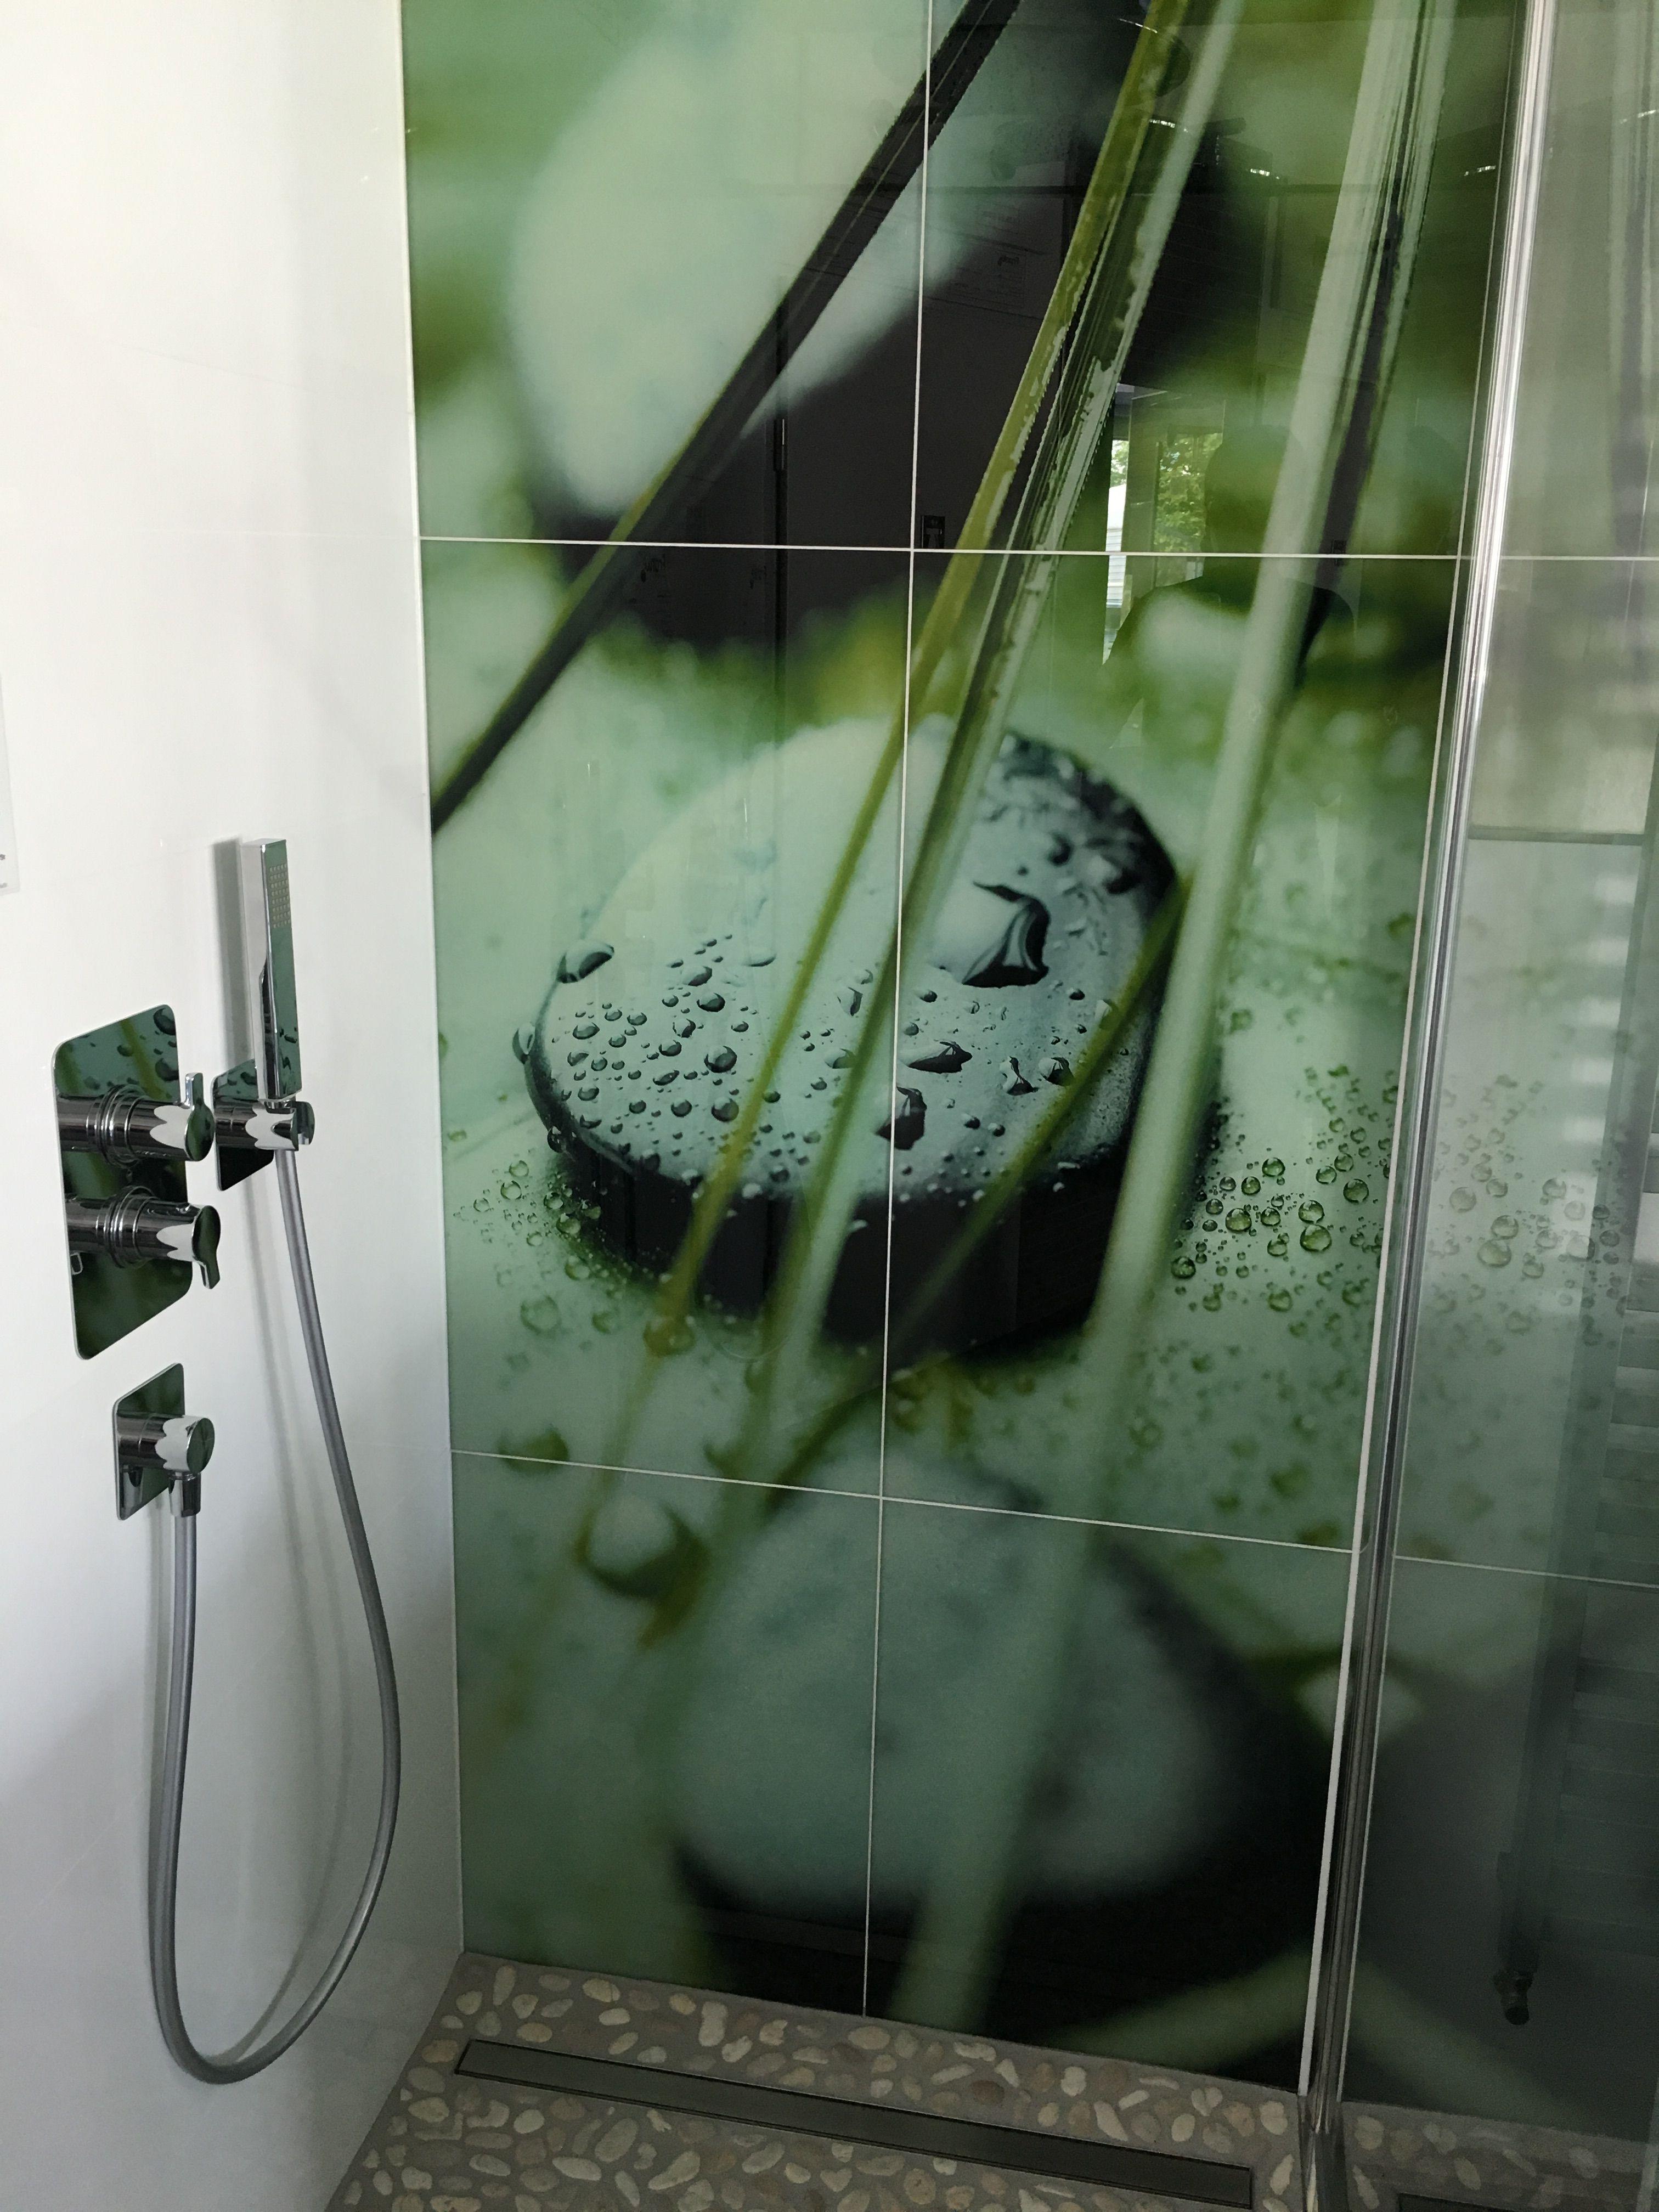 Dekorwand In Der Dusche 6 Er Set Im Format 90x270 Cm Dekorwand Dusche Bad Badezimmer Gastebad Kinderbad Fliesen Sanitar Badezimmer Duschwand Sanitar